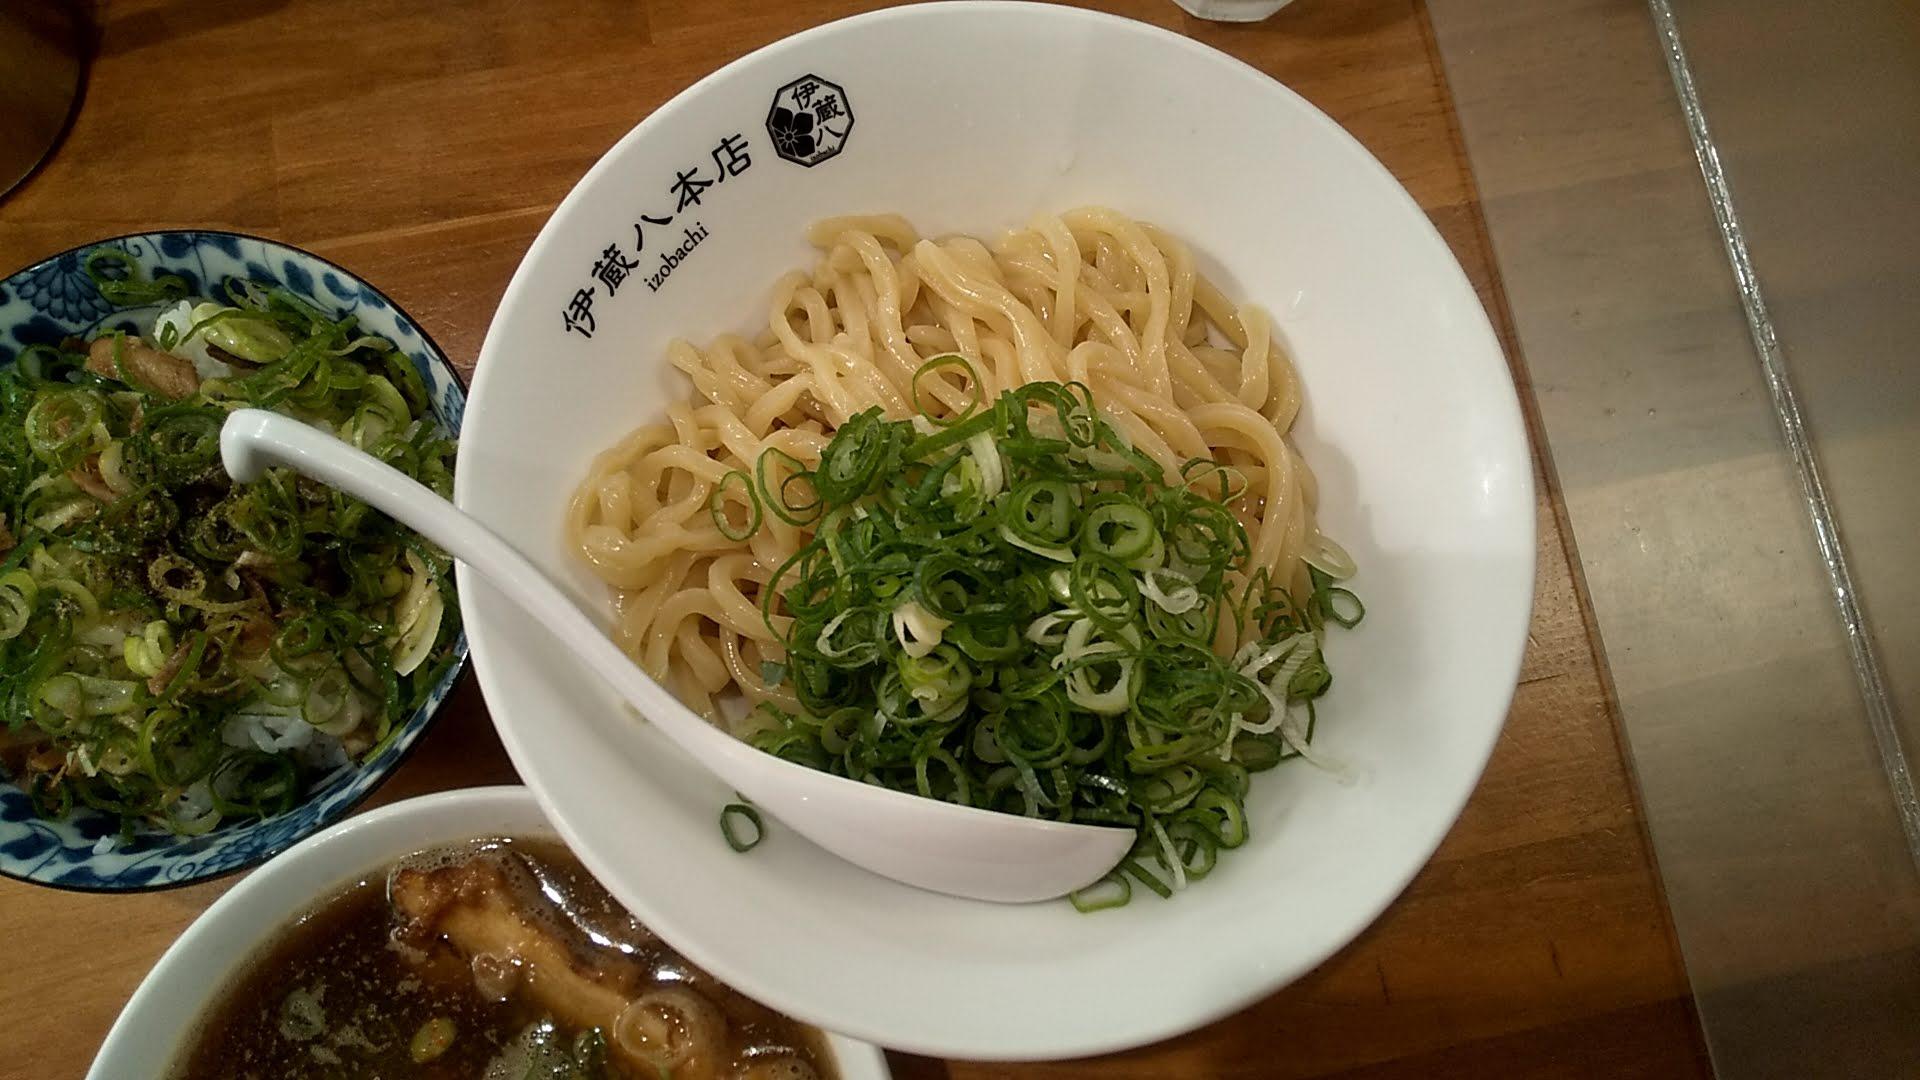 中華そば伊蔵八本店のつけそばの麺皿の写真